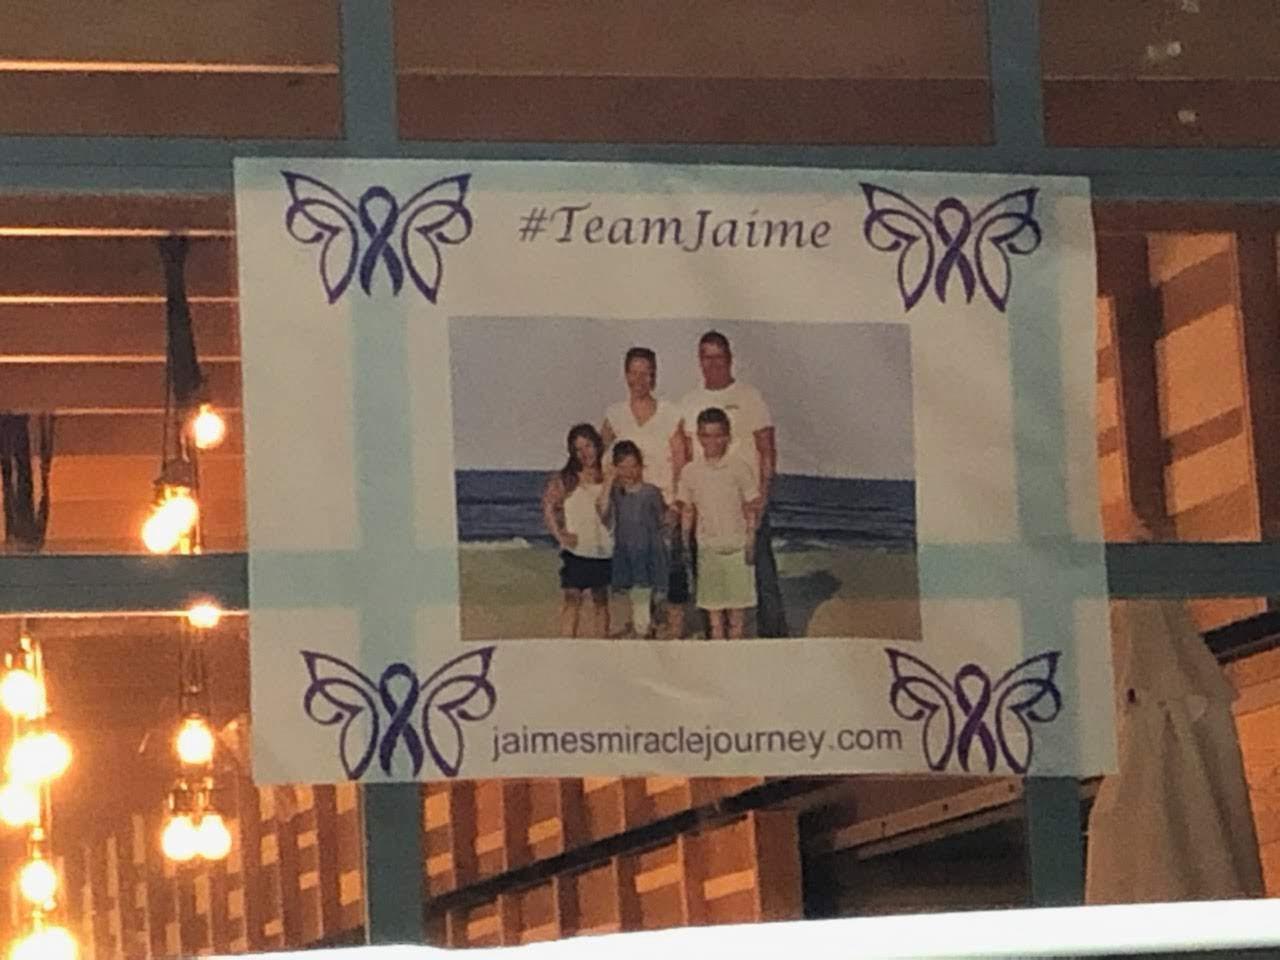 #TeamJaime Night!